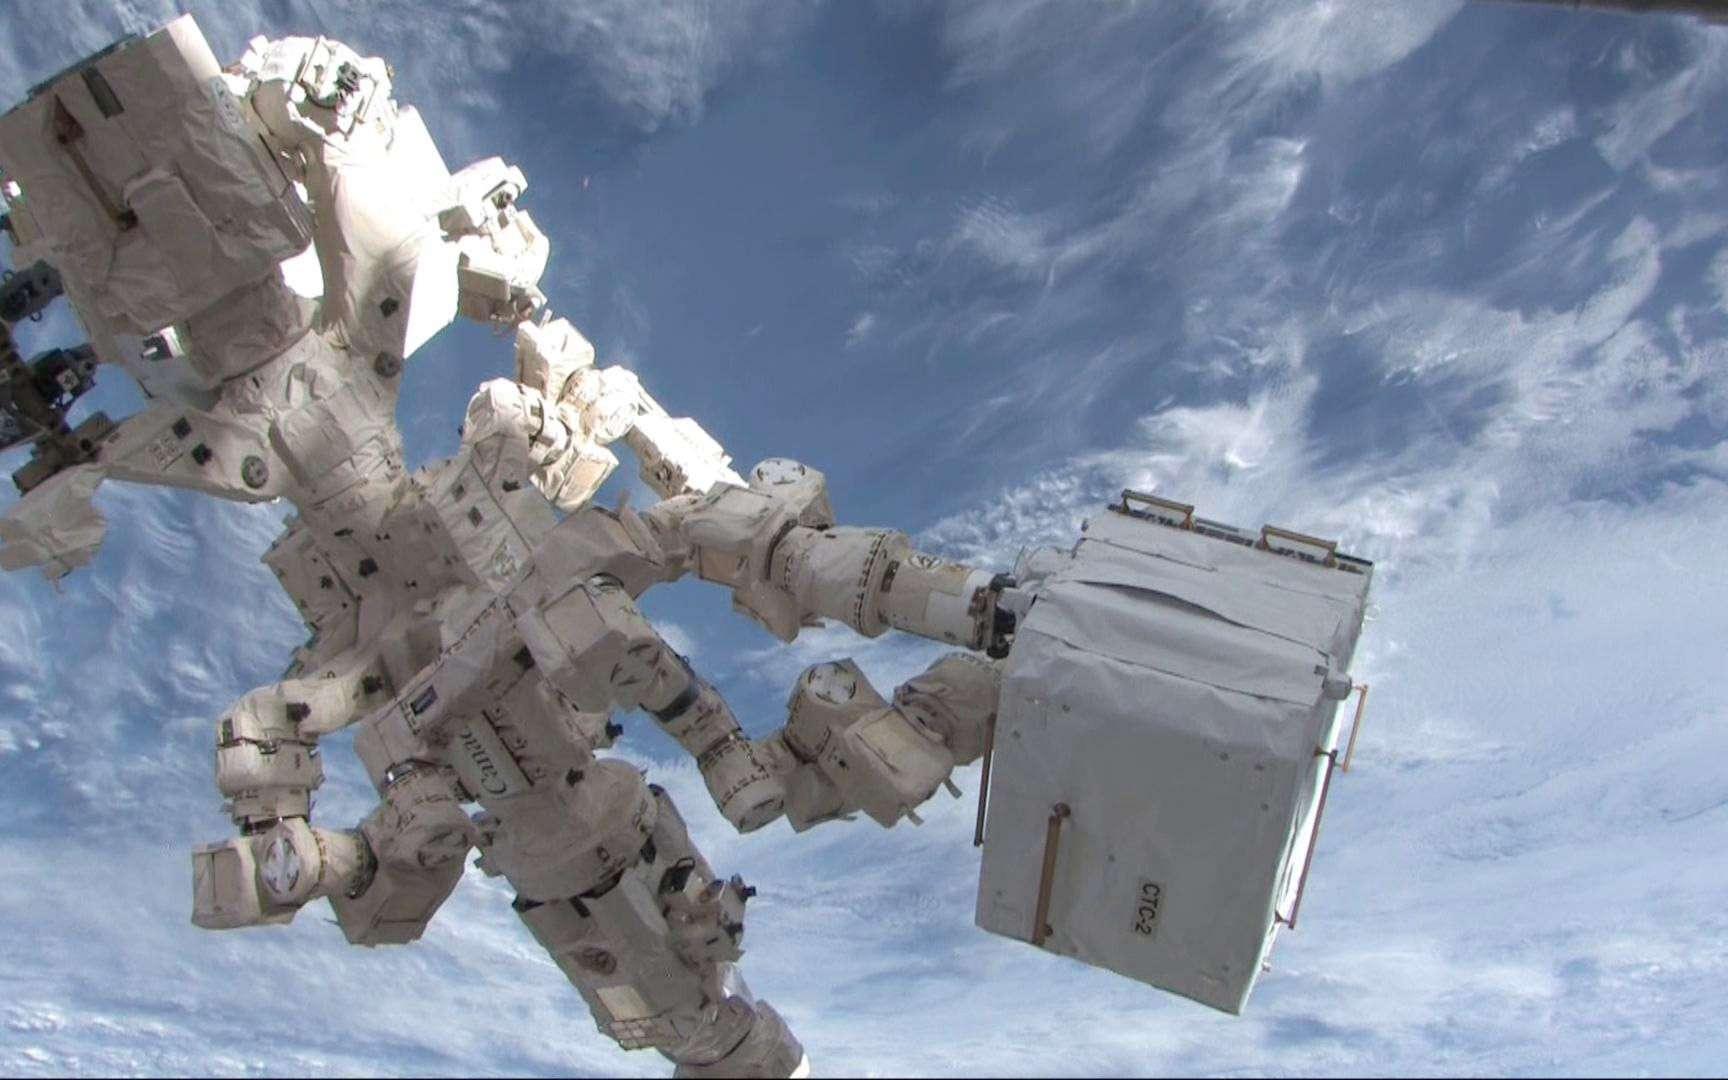 Dextre a une nouvelle fois démontré toute son utilité en remplaçant un élément défectueux par un autre. Tâche qui était jusqu'à présent dévolue aux astronautes lors de sorties dans l'espace. © Nasa